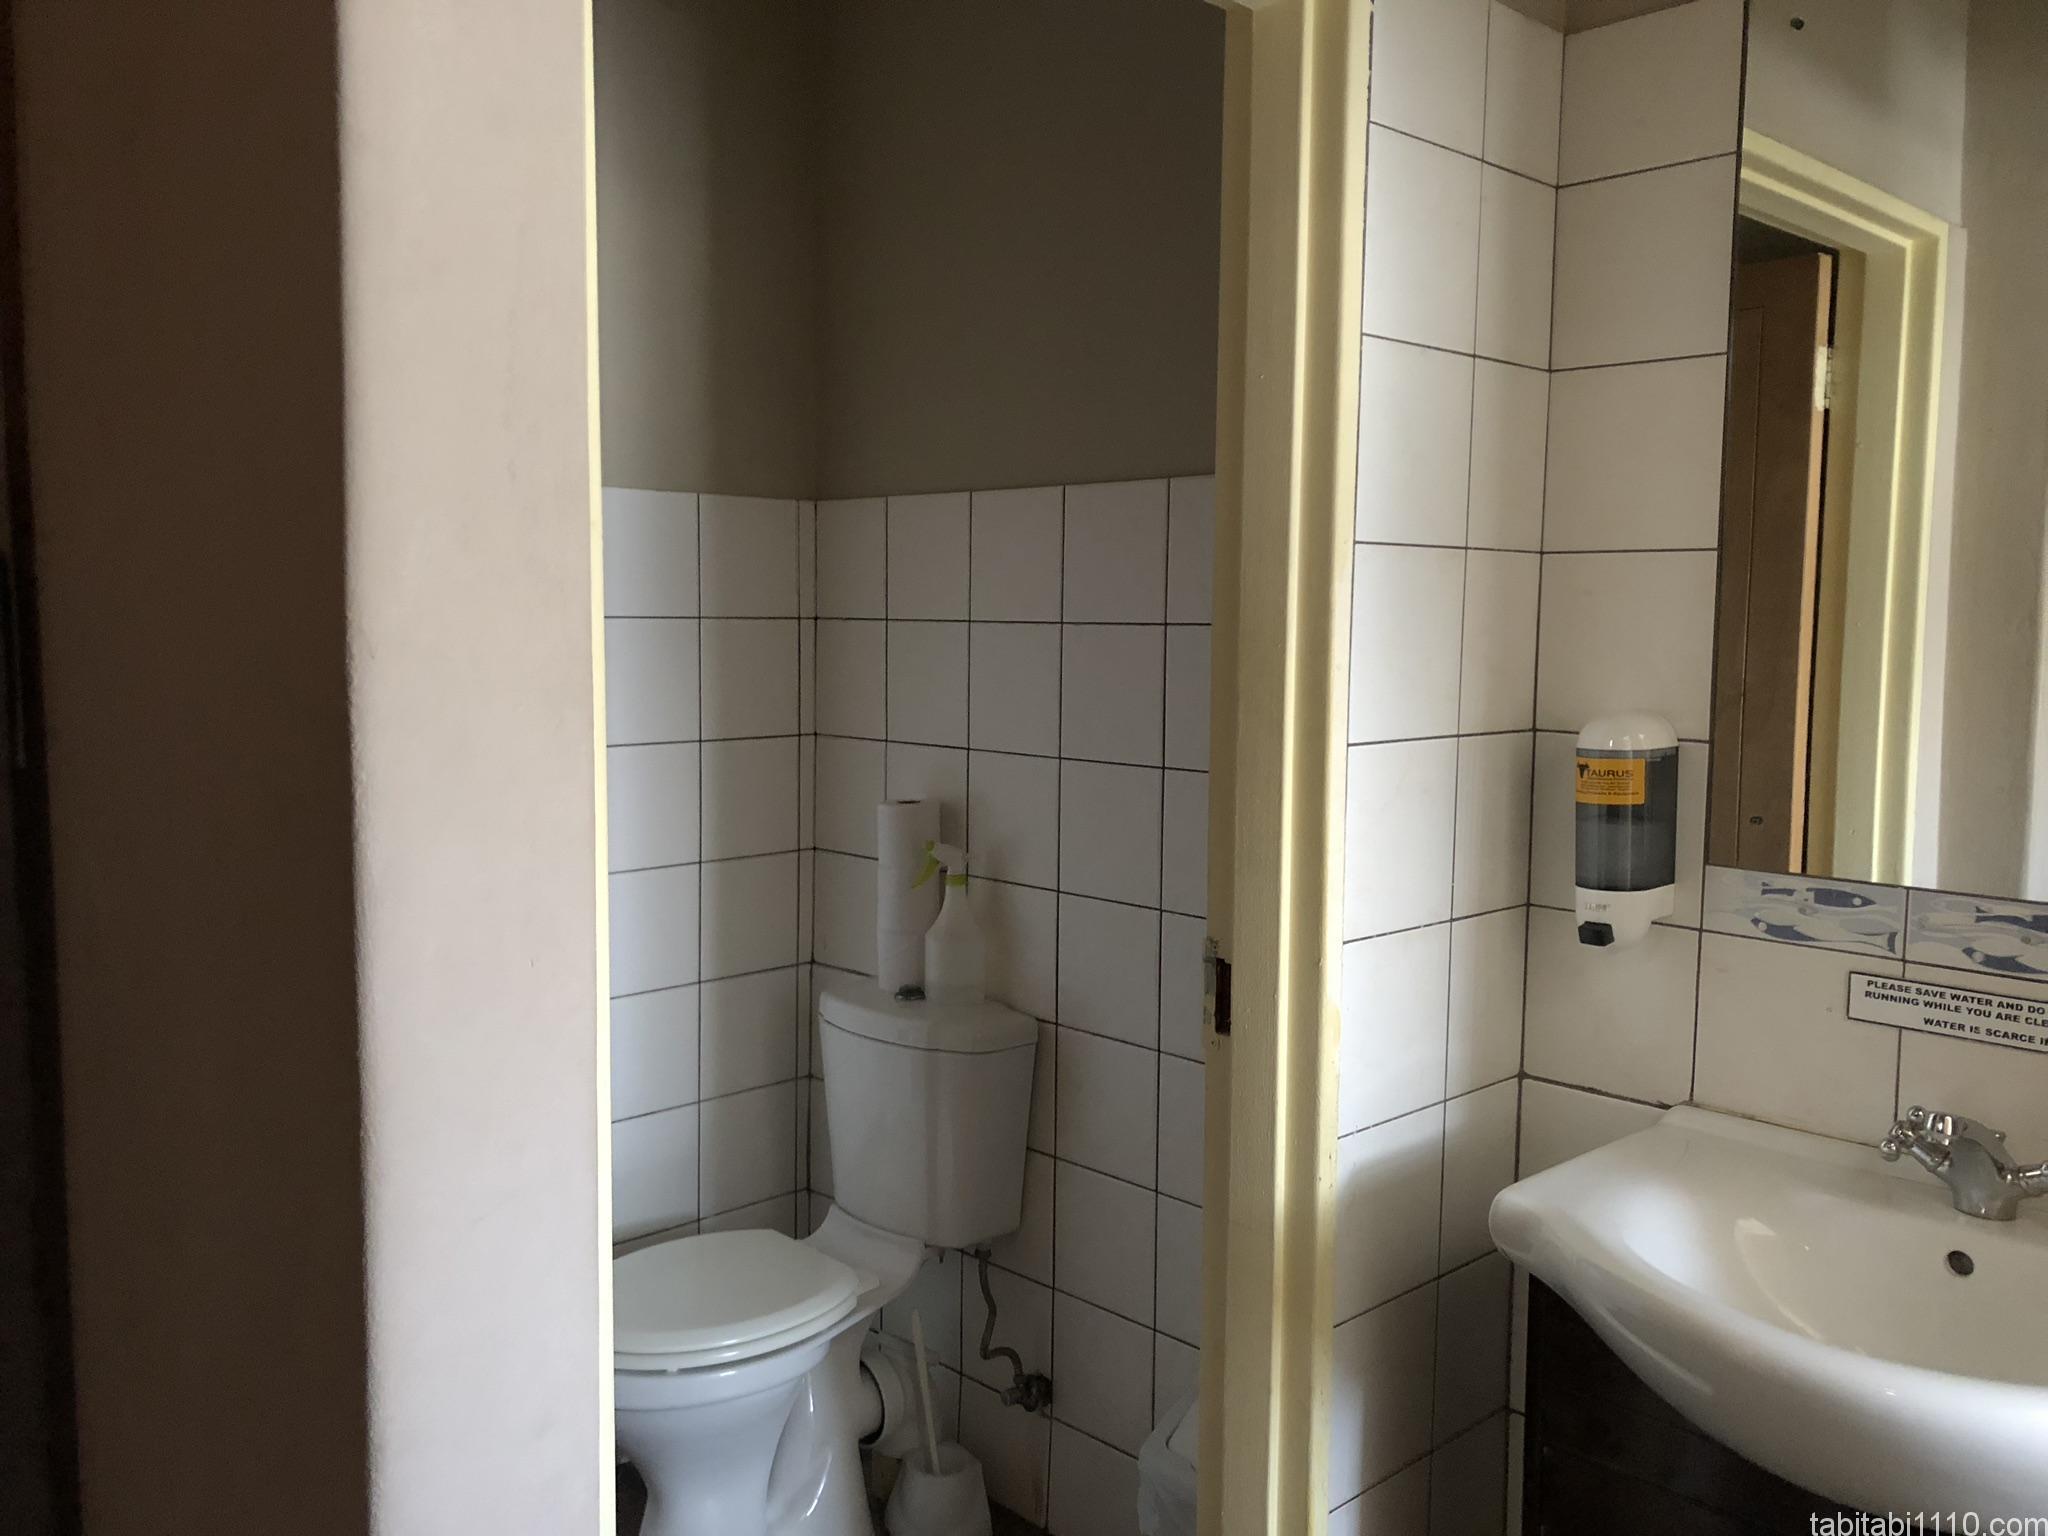 カメレオンバックパッカーズ|ドミトリーのシャワー